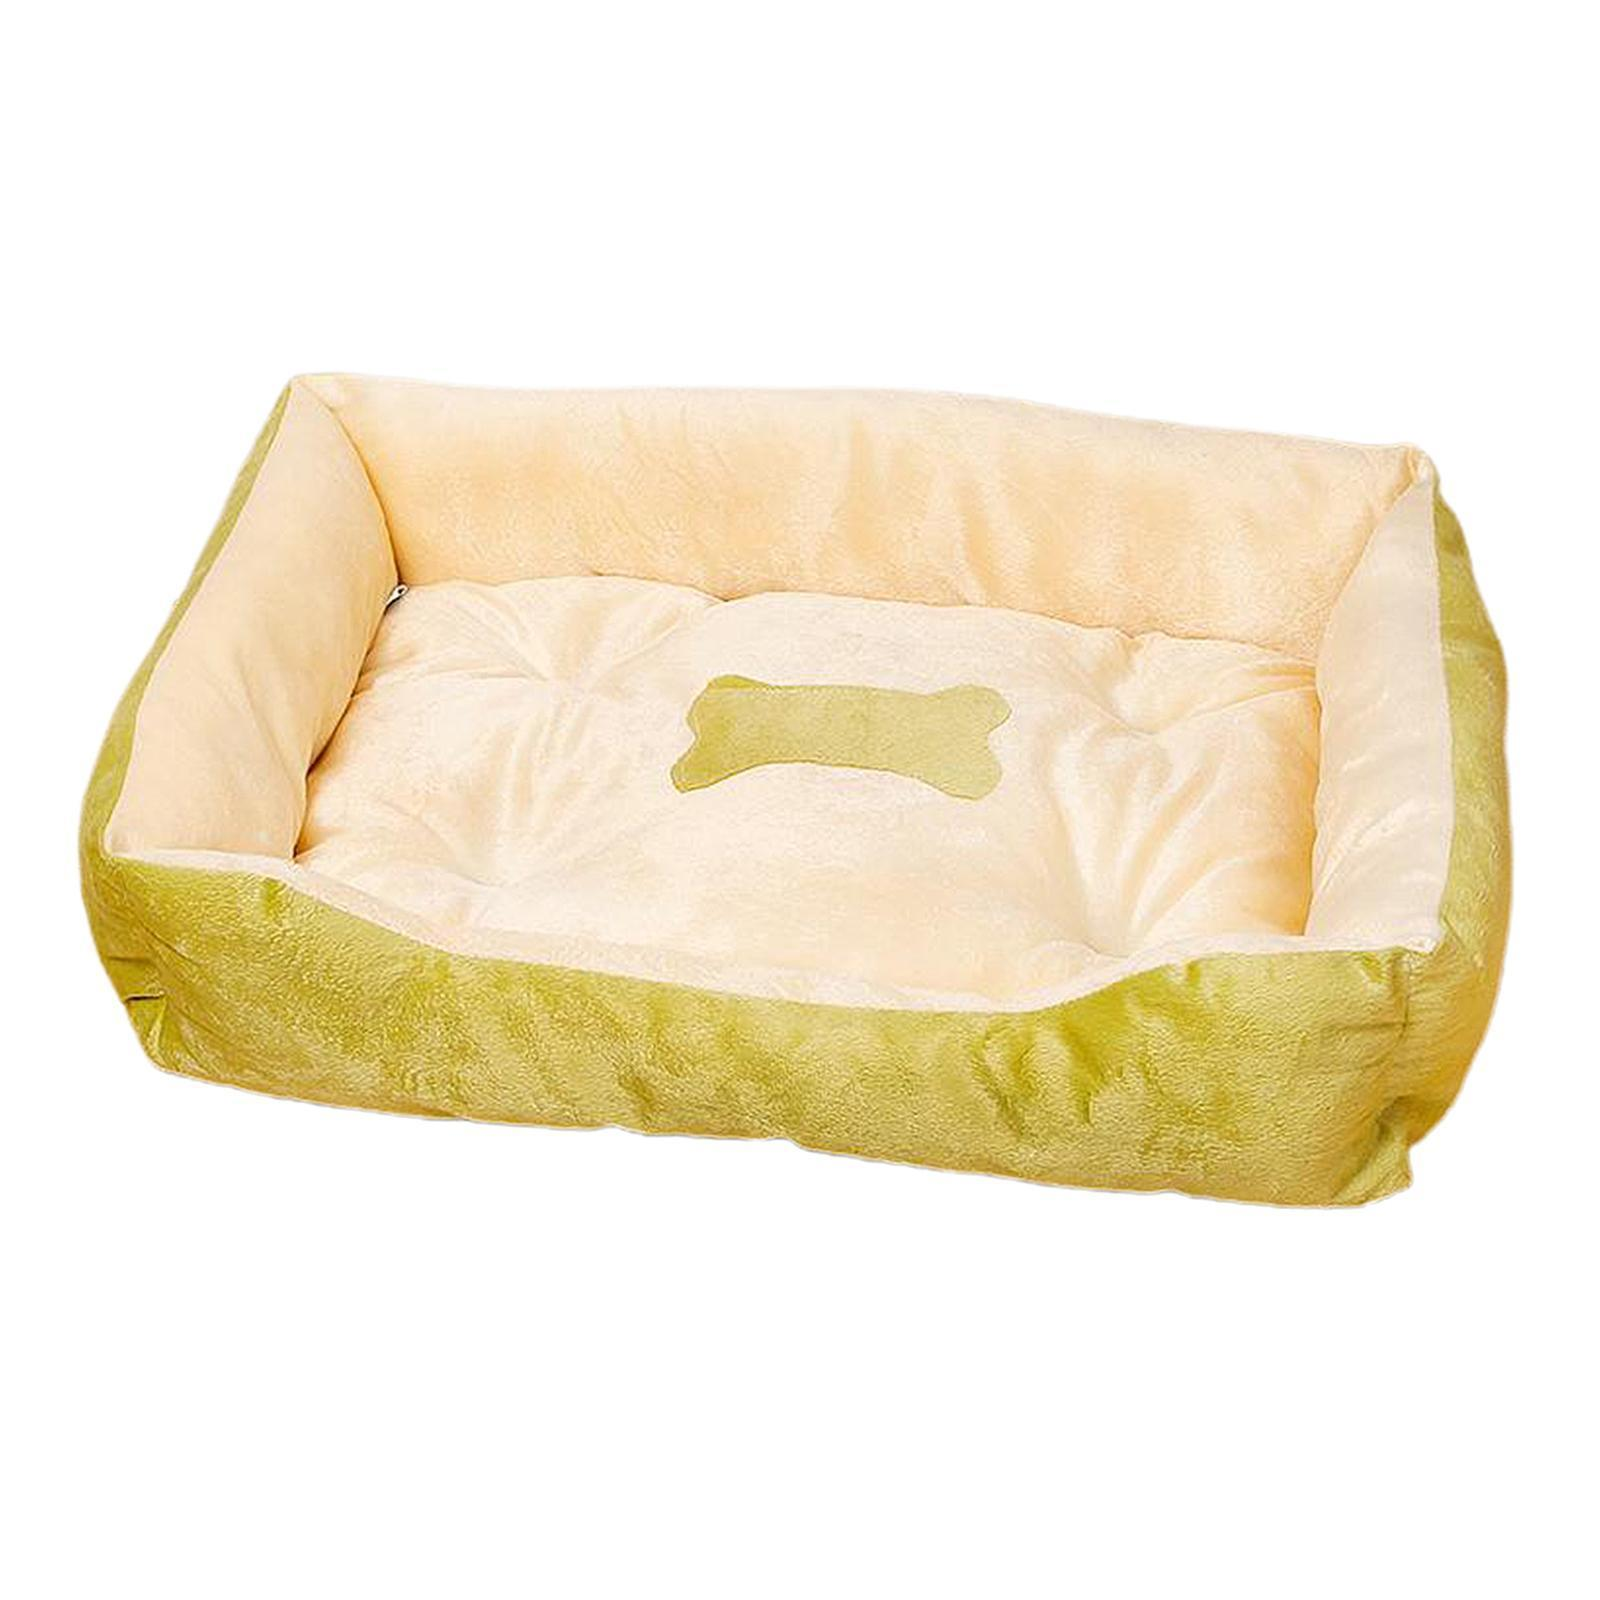 Indexbild 7 - Katze-Hund-Bett-Pet-Kissen-Betten-Haus-Schlaf-Soft-Warmen-Zwinger-Decke-Nest